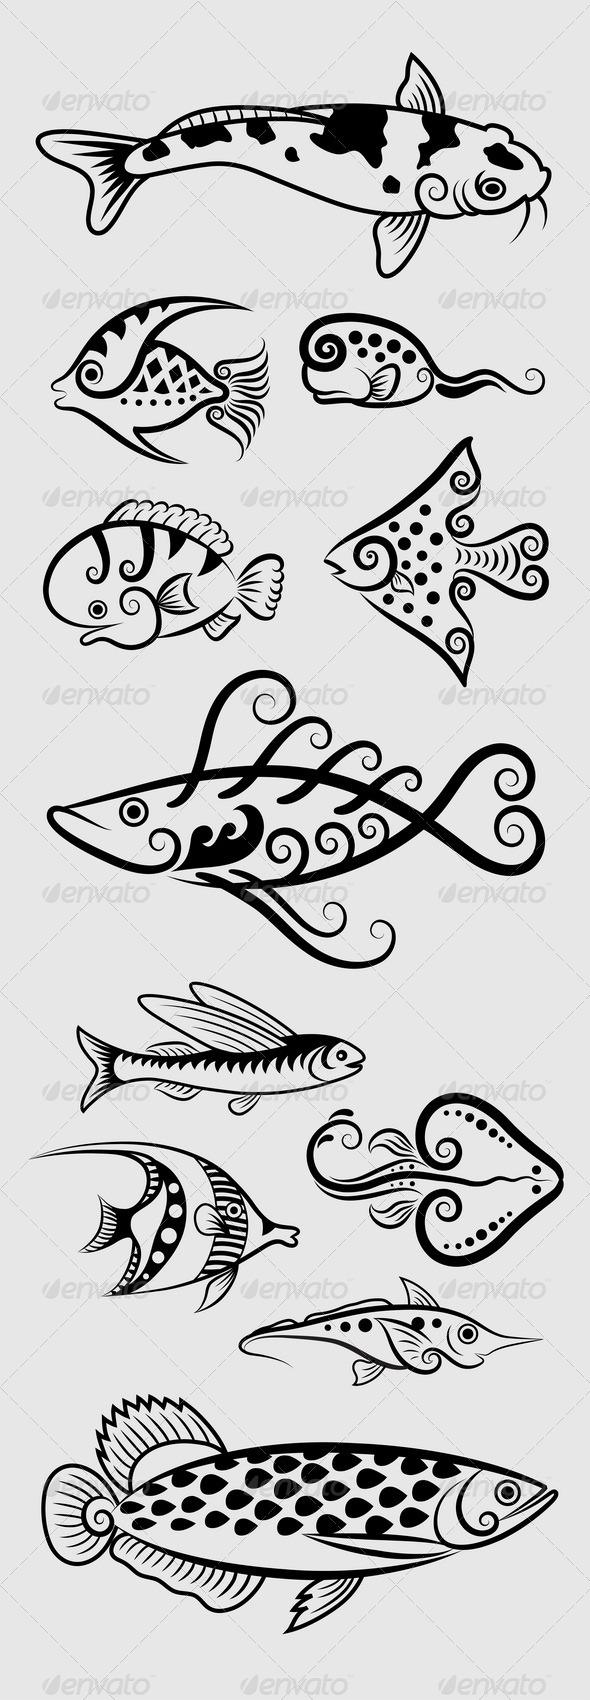 GraphicRiver Decorative Fish Symbols 4588177